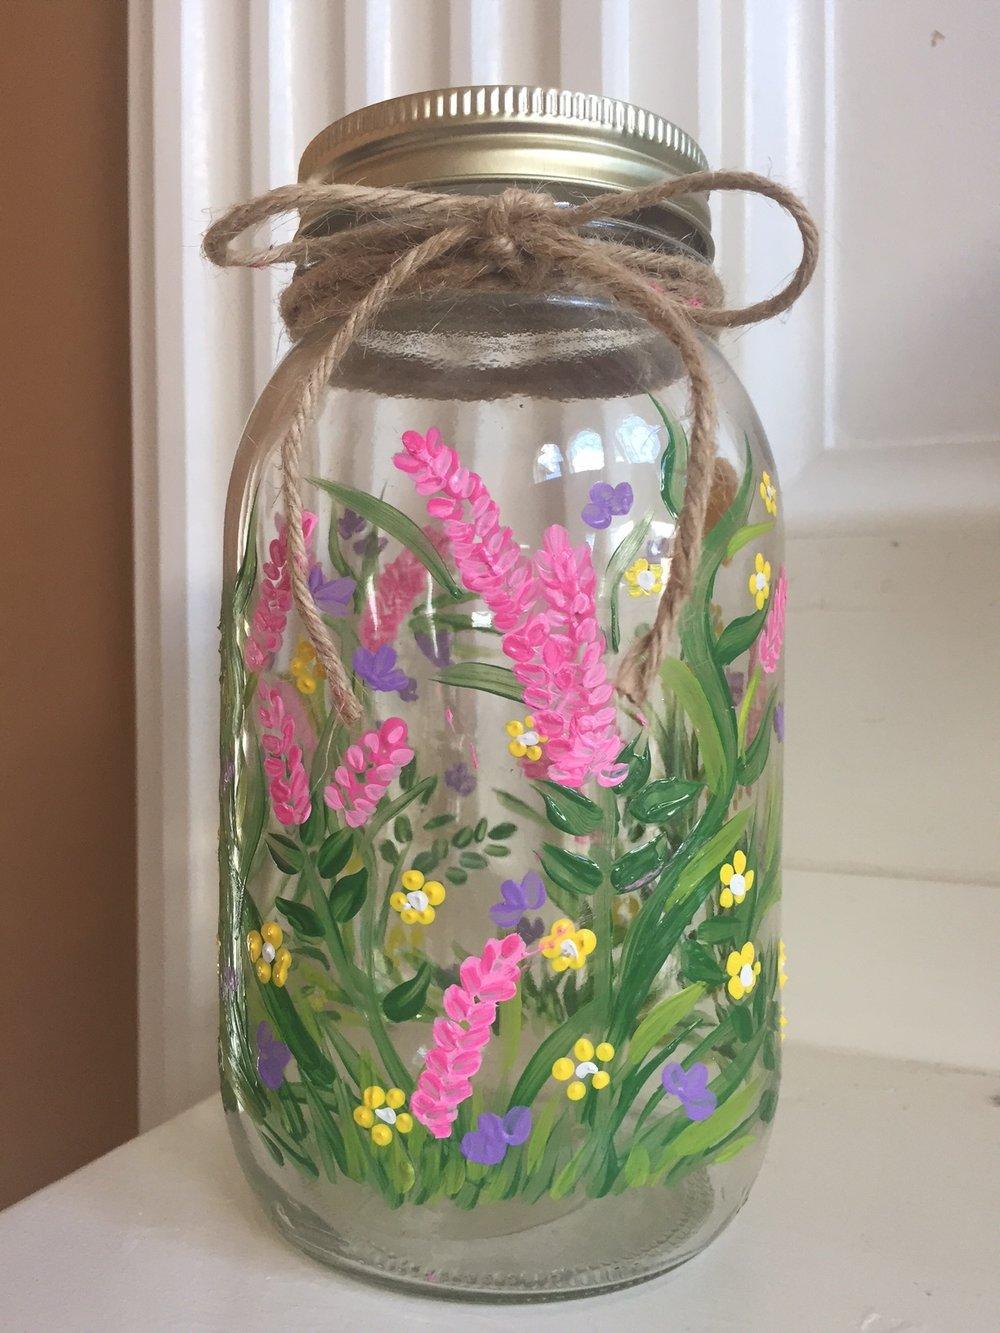 Flower Mason Jar.JPG